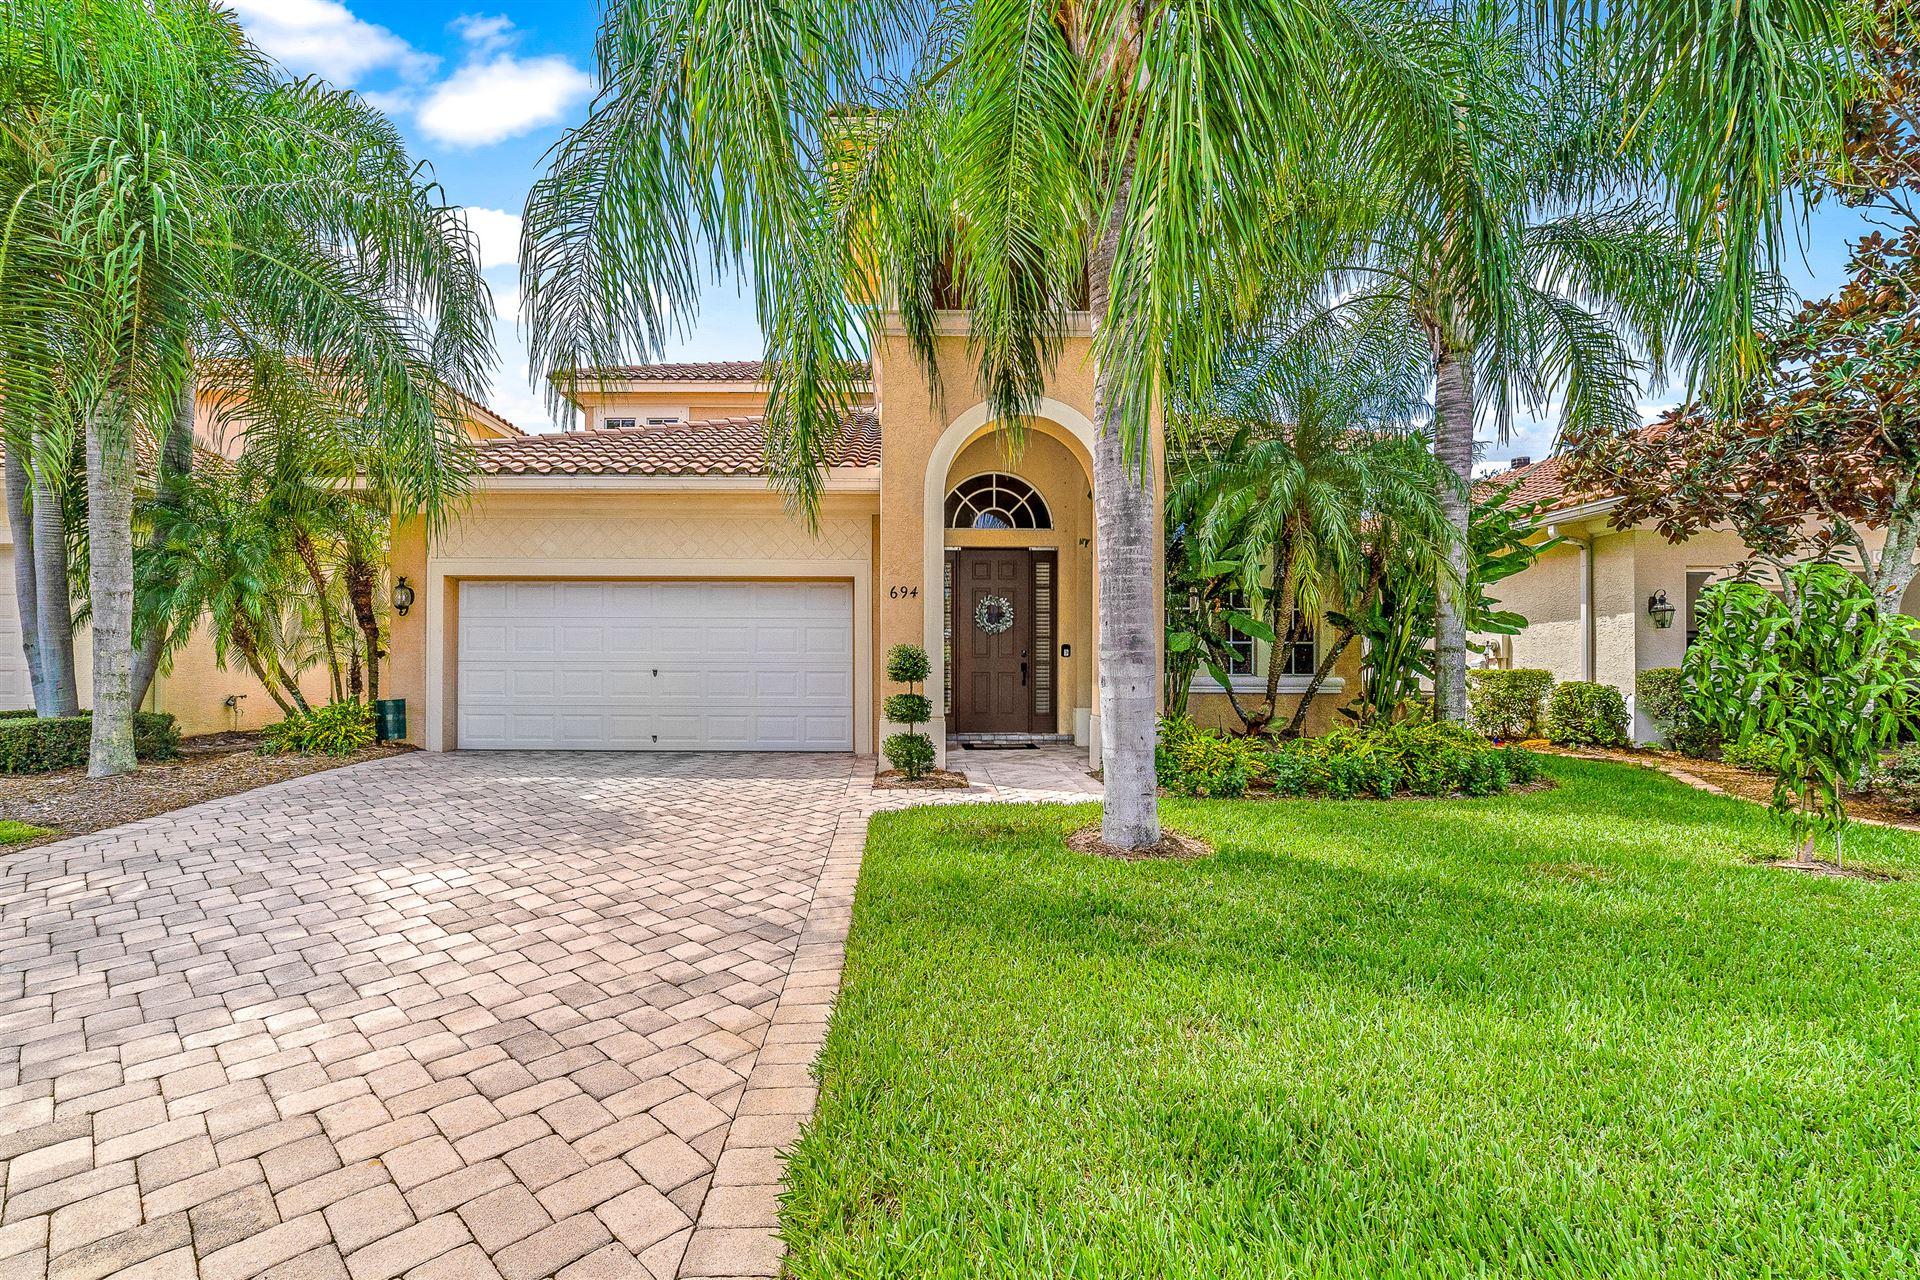 694 SW Palm Cove Drive, Palm City, FL 34990 - #: RX-10655861